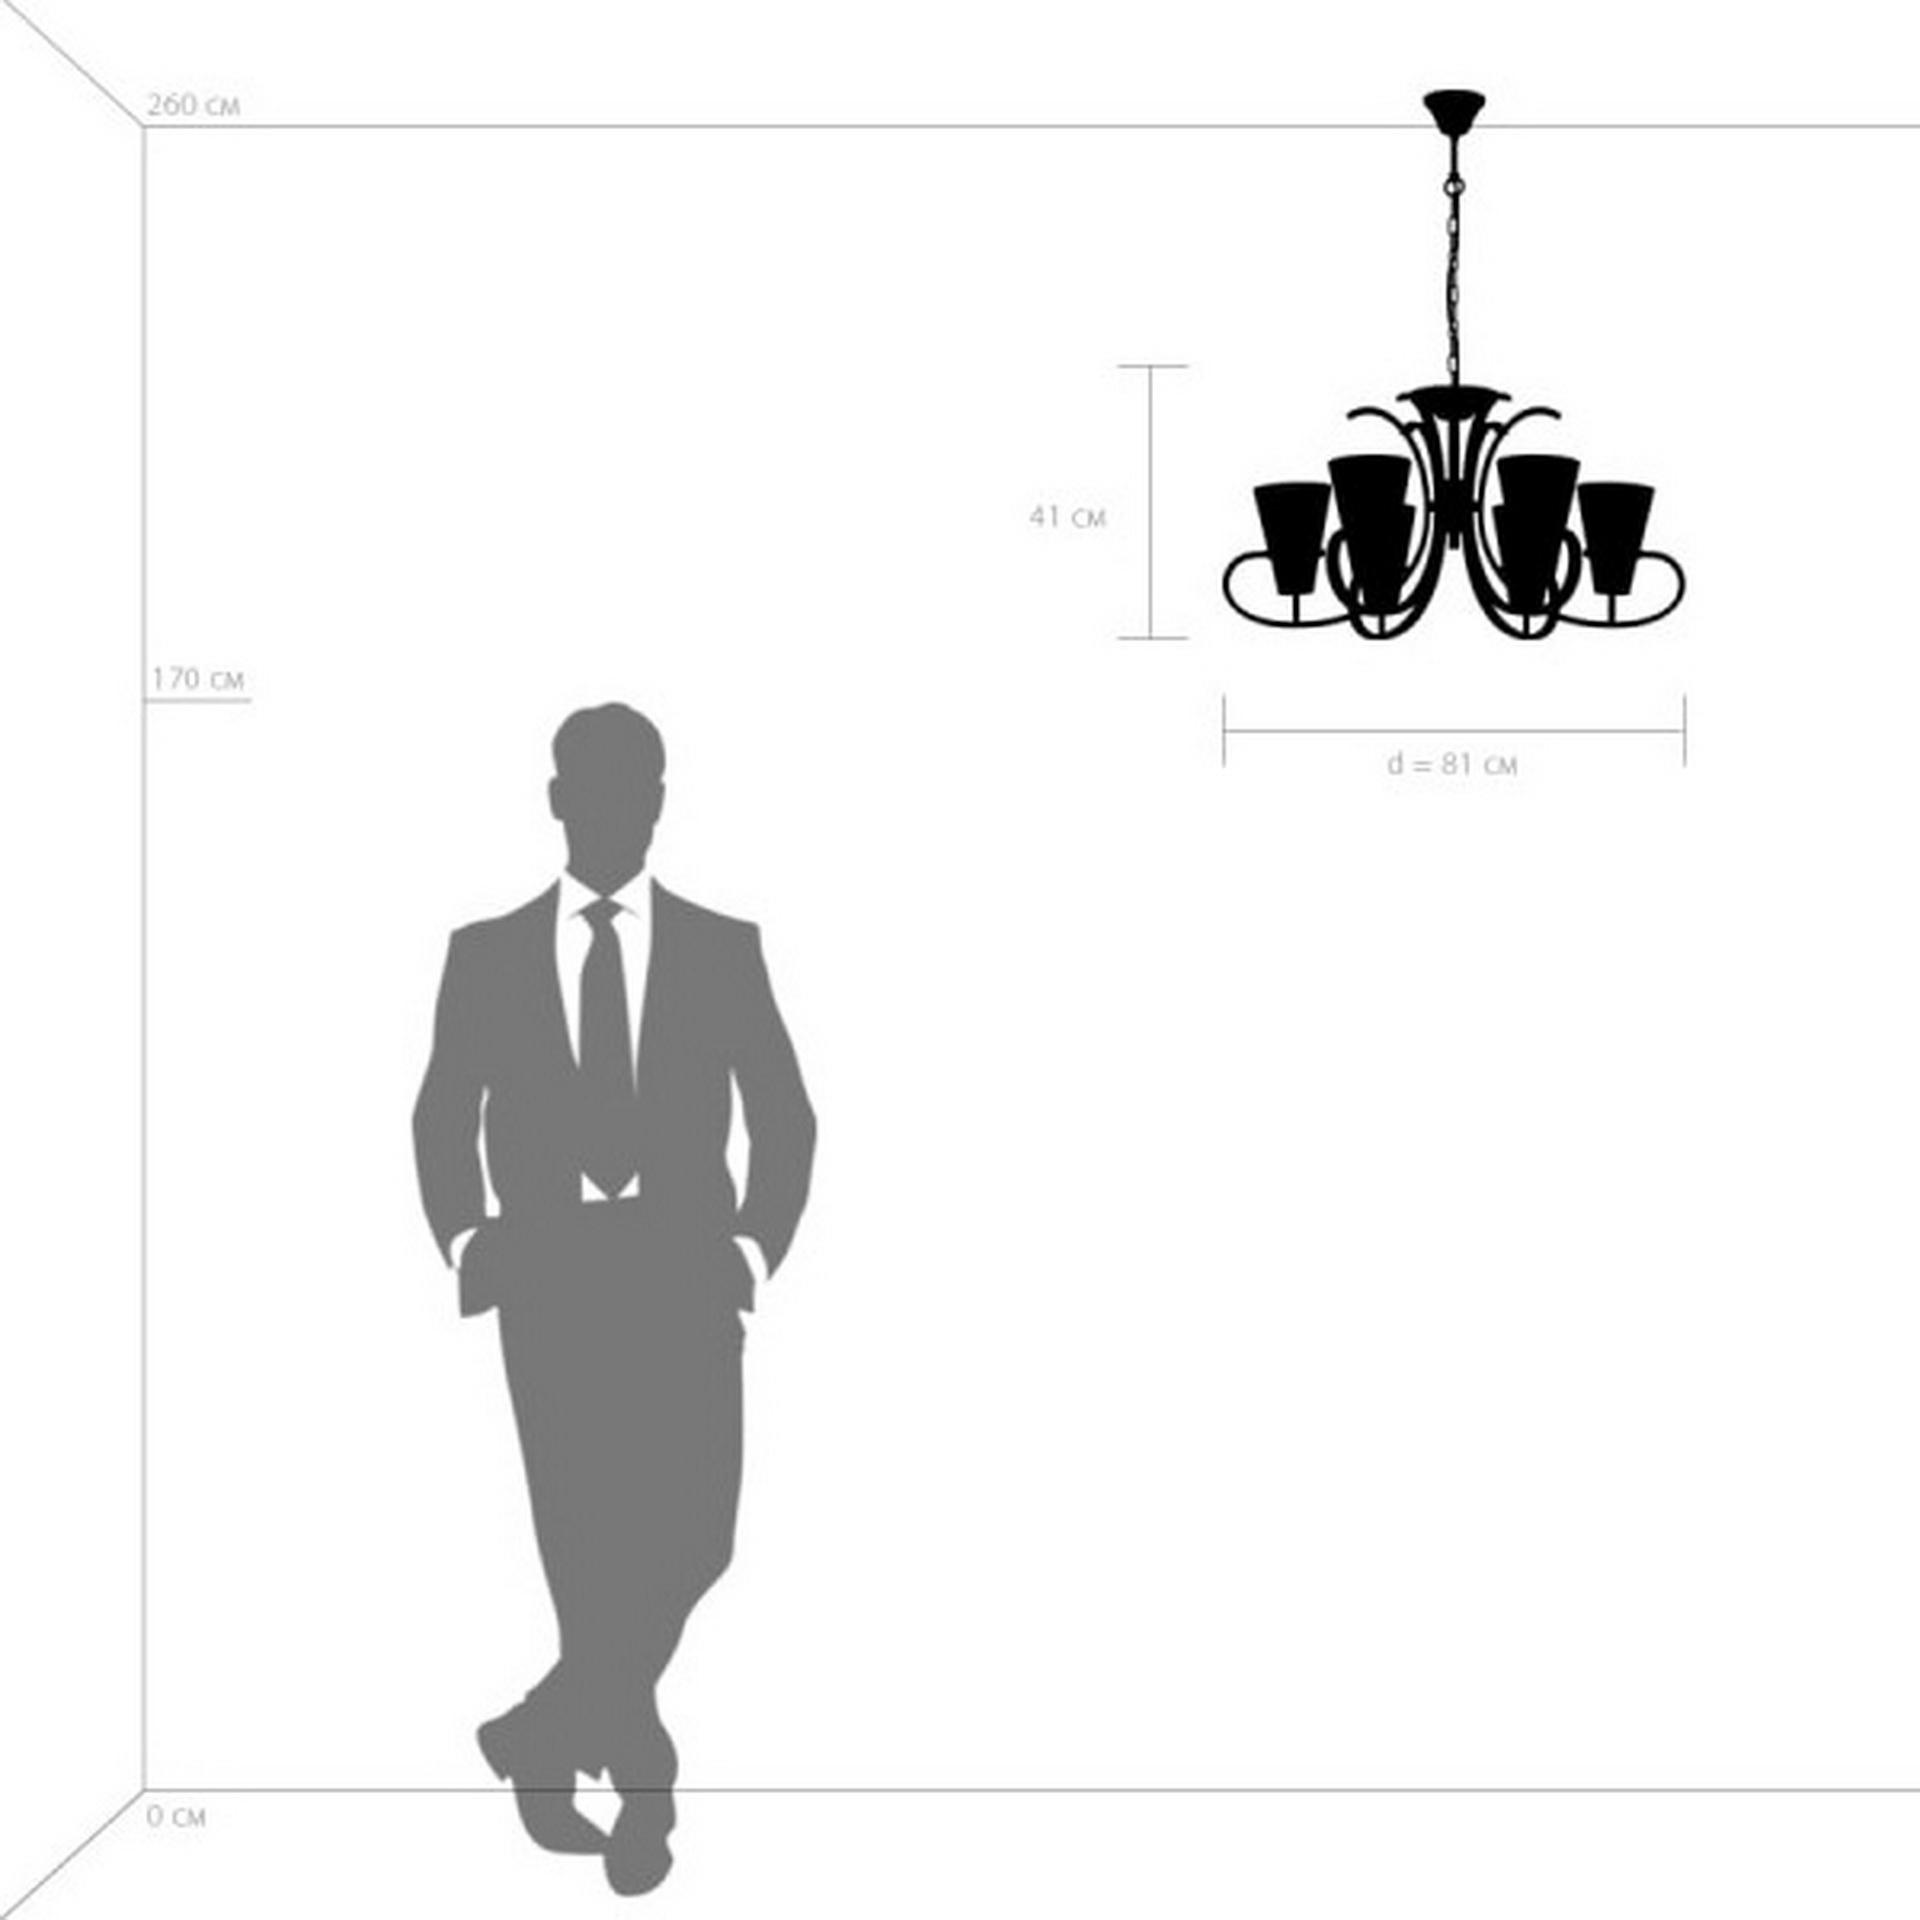 Подвесная люстра FIACOLLA LightStar 733067 цвет - черный/белый, купить в СПб, Москве, с доставкой, Санкт-Петербург, интернет-магазин люстр и светильников Starlight, фото в жизни